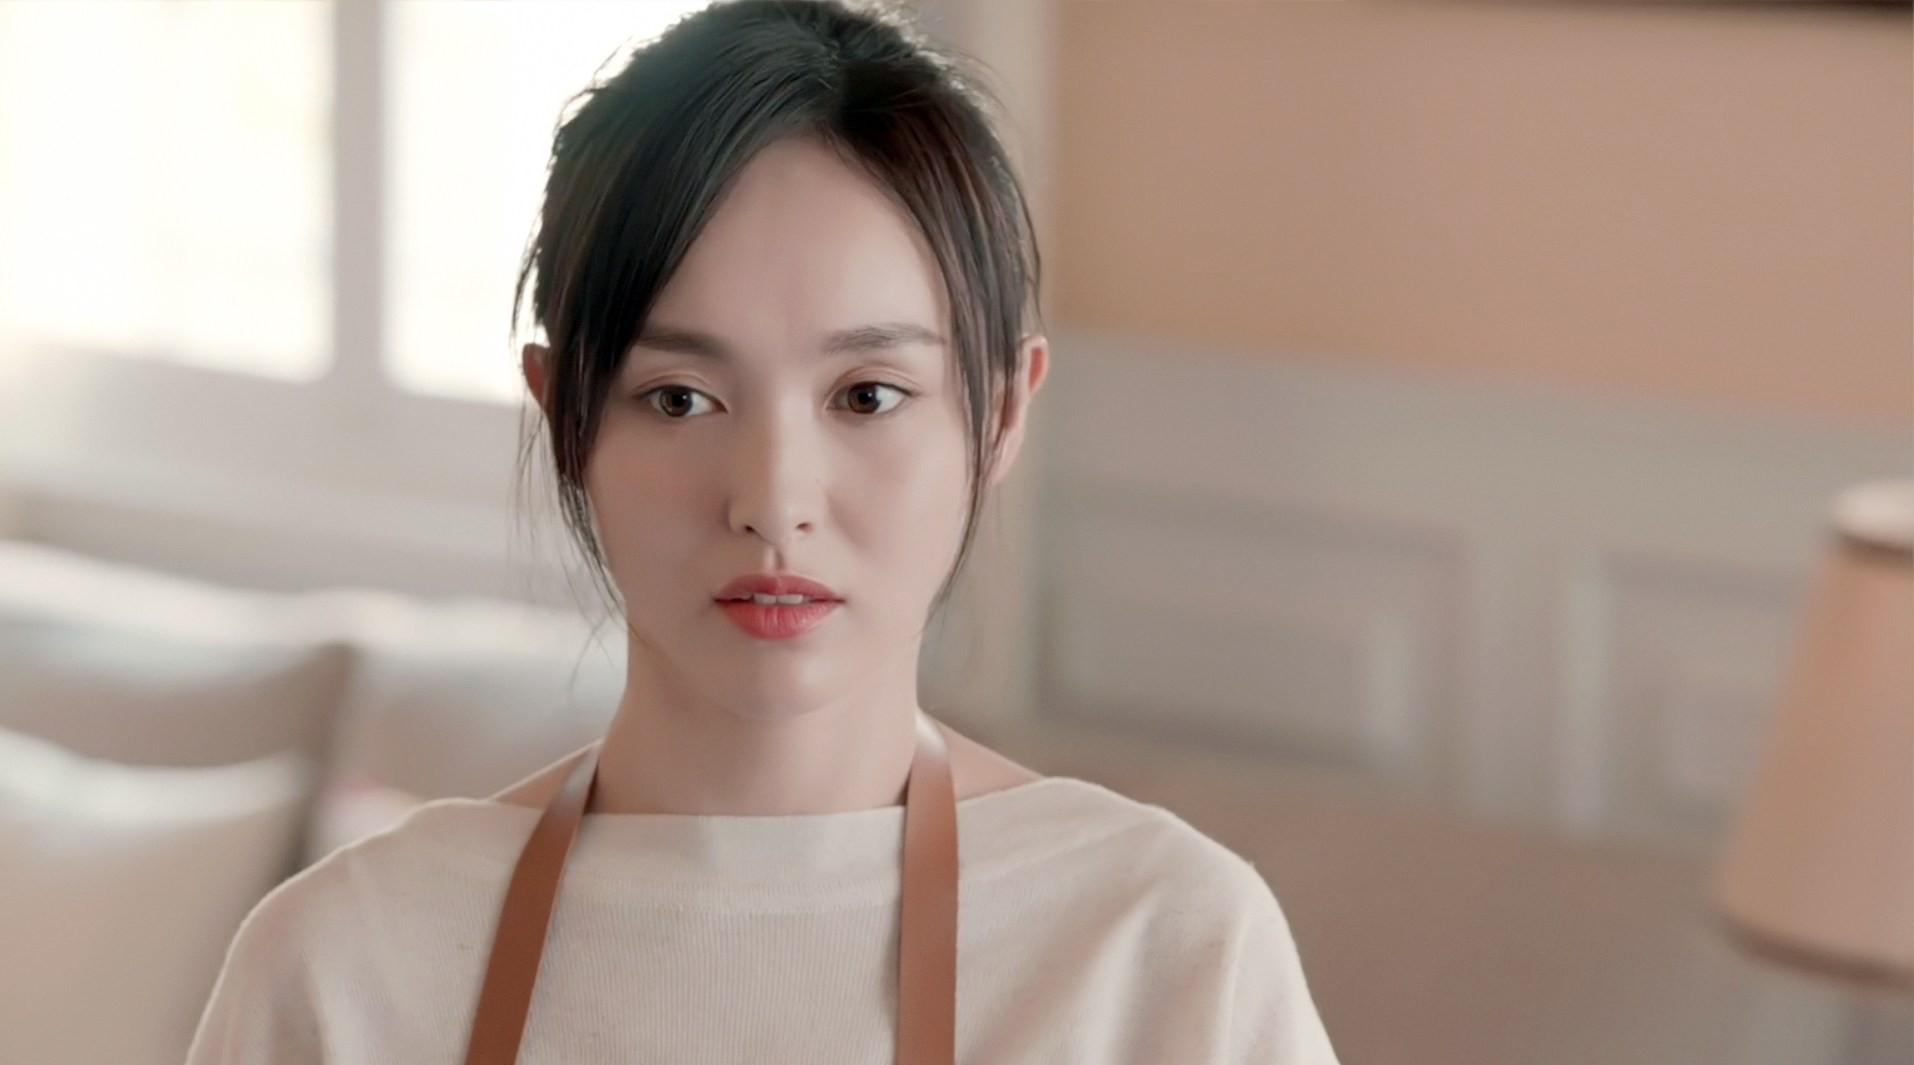 Quy Khứ Lai cũng phải đối mặt với nhiều ý kiến trái chiều, đặc biệt là về diễn xuất của nữ chính Đường Yên.